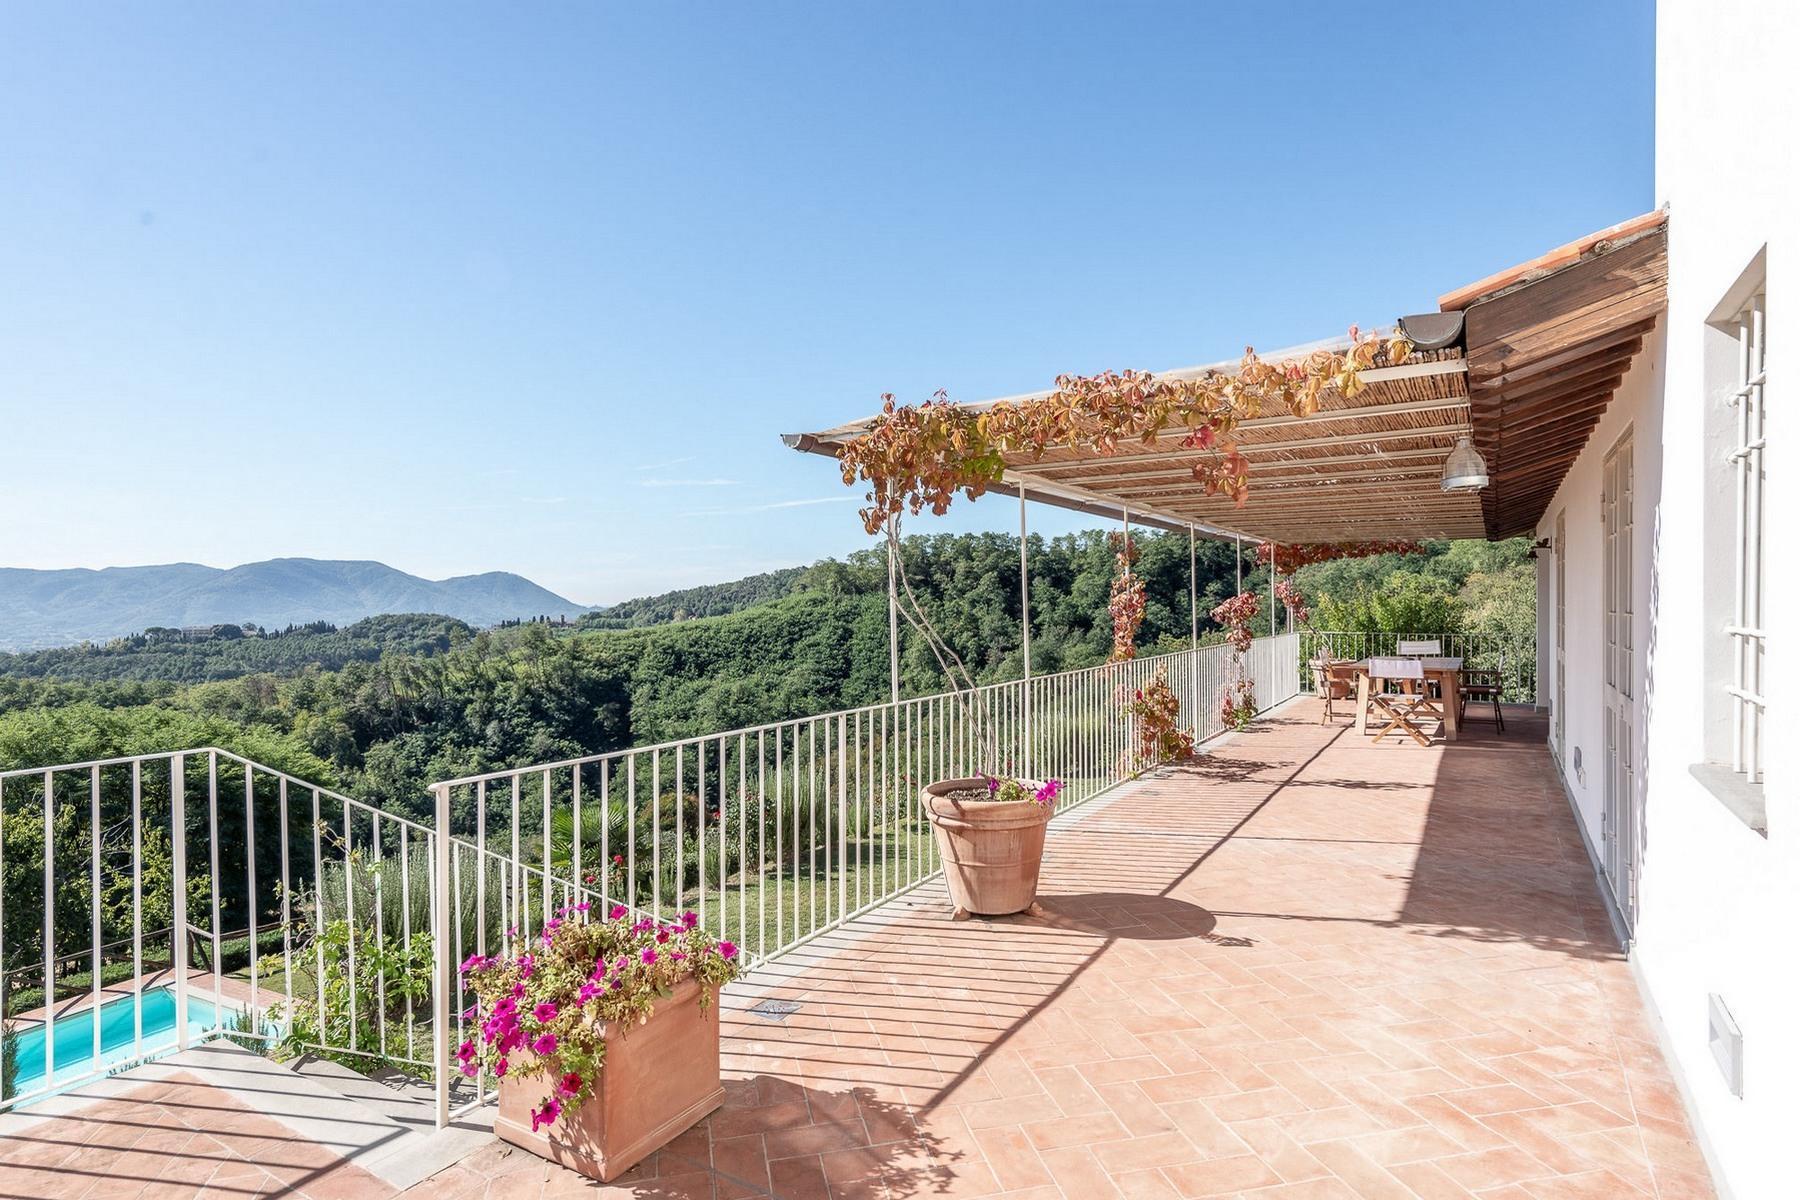 Elégante villa avec piscine dans les collines de Lucca. - 15